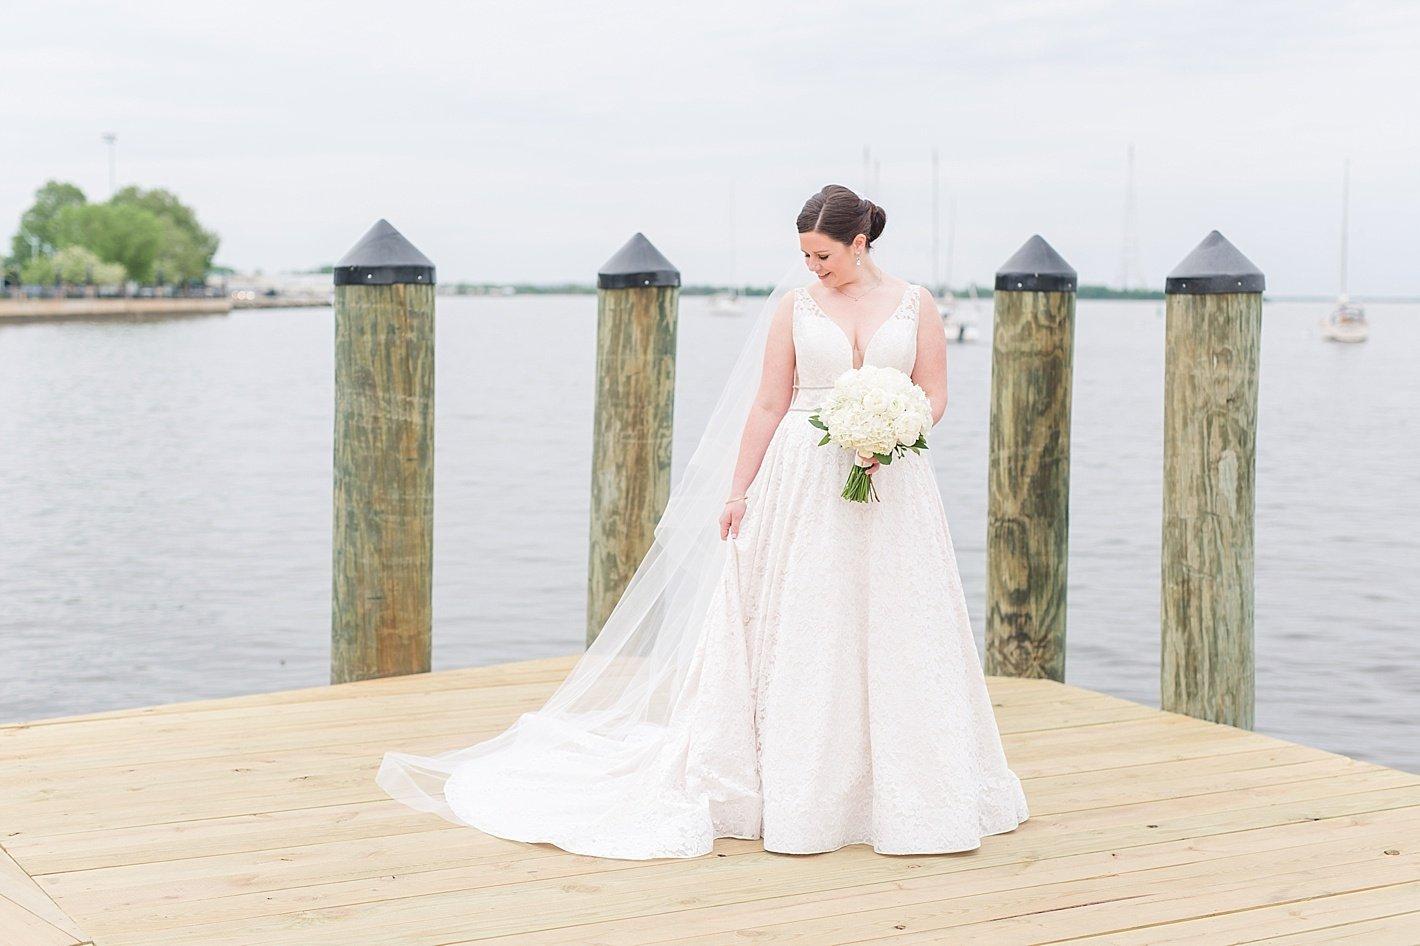 La Jeune Mariée bridal gown Annapolis MD bride white peony and rose bouquet